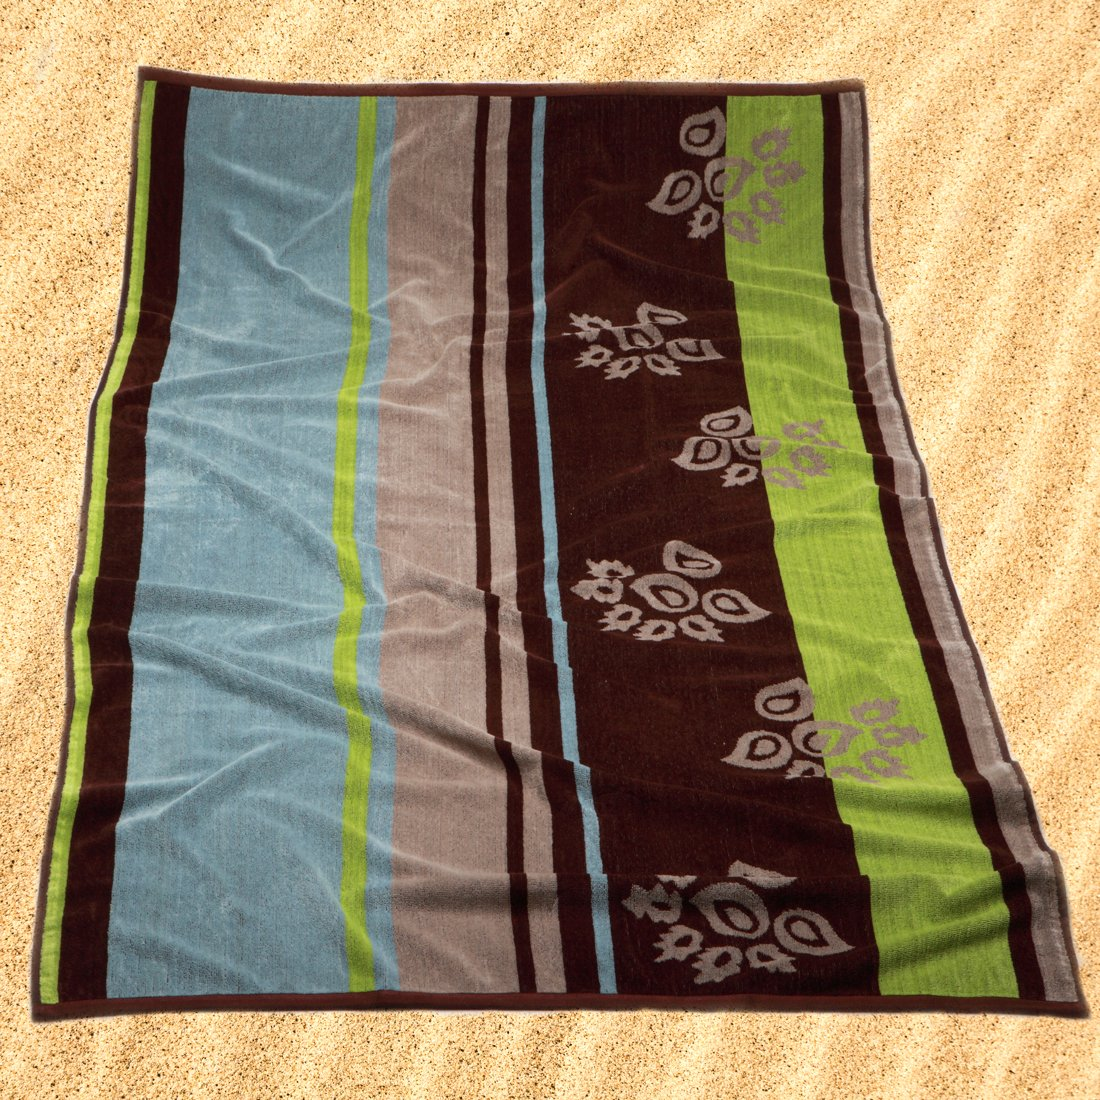 Burrito Blanco Toalla de Playa/Toalla de Piscina 175 Grande para Hombre o Mujer Algodón 100% Tacto de Terciopelo de 95x170 cm con Estampado de Rayas y Hojas ...